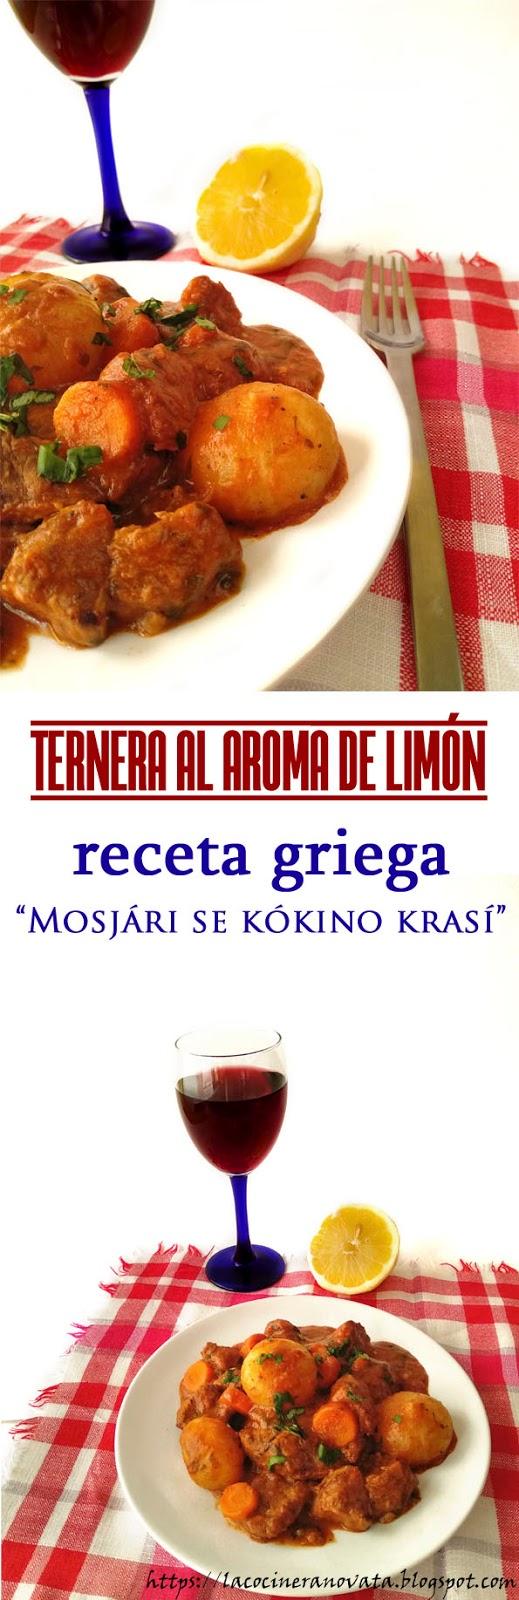 Ternera al aroma de limon receta griega Mosjari se kokino krasi la cocinera novata cocina receta gastronomia griega grecia guiso albahaca